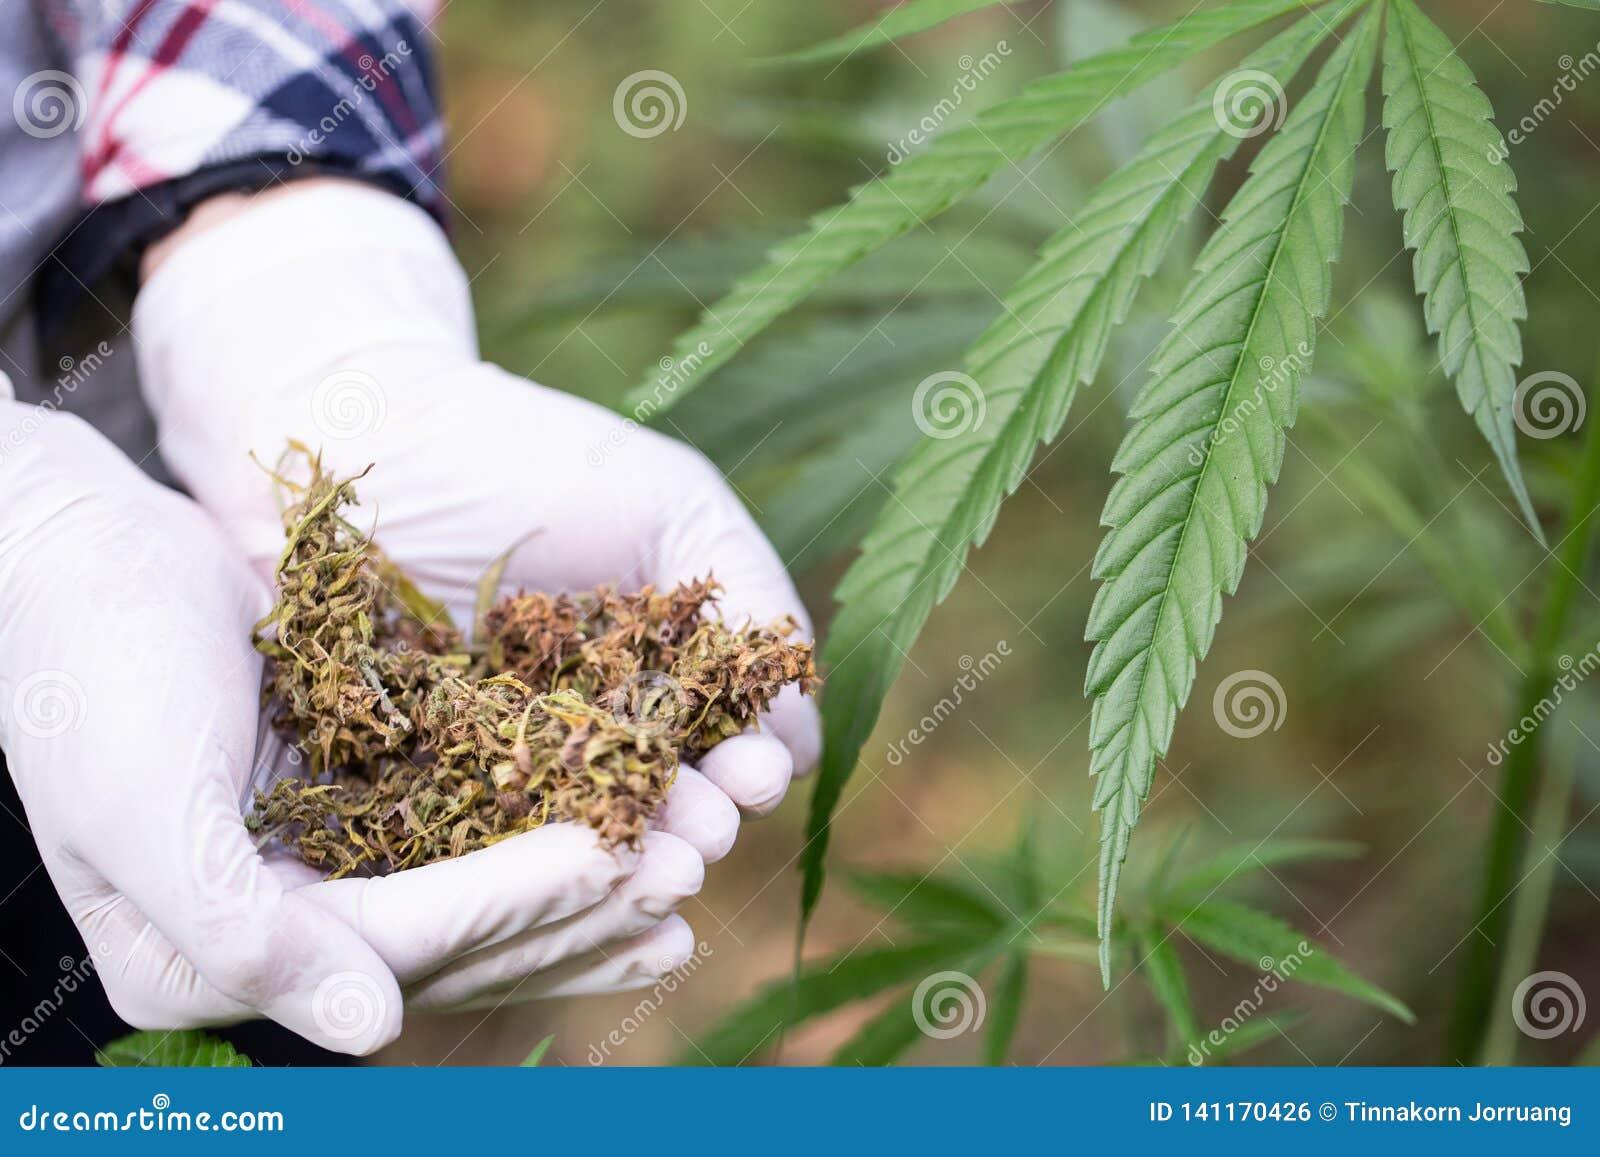 Zamyka w górę ręk trzyma wysuszonej Medycznej marihuany, alternatywna medycyna, Ziołowa marihuana